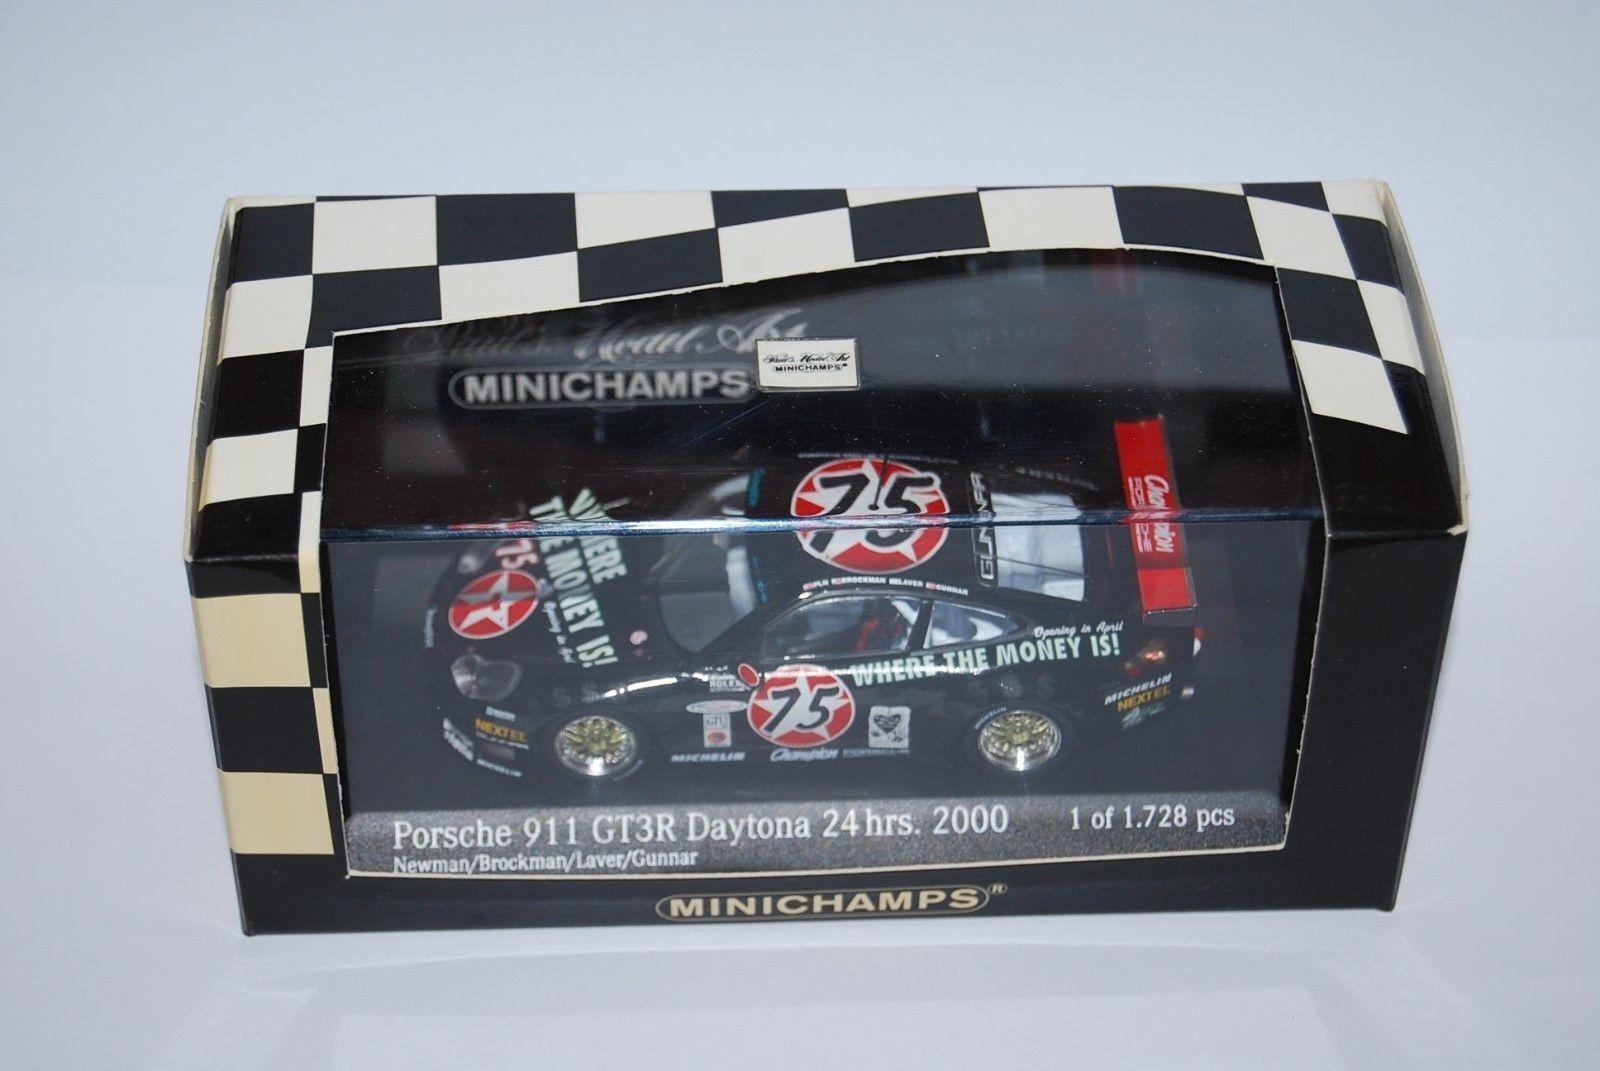 MINICHAMPS PORSCHE 911 GT3 R DAYTONA 2000 430006975 NEUF BOITE NEW BOX 1 43